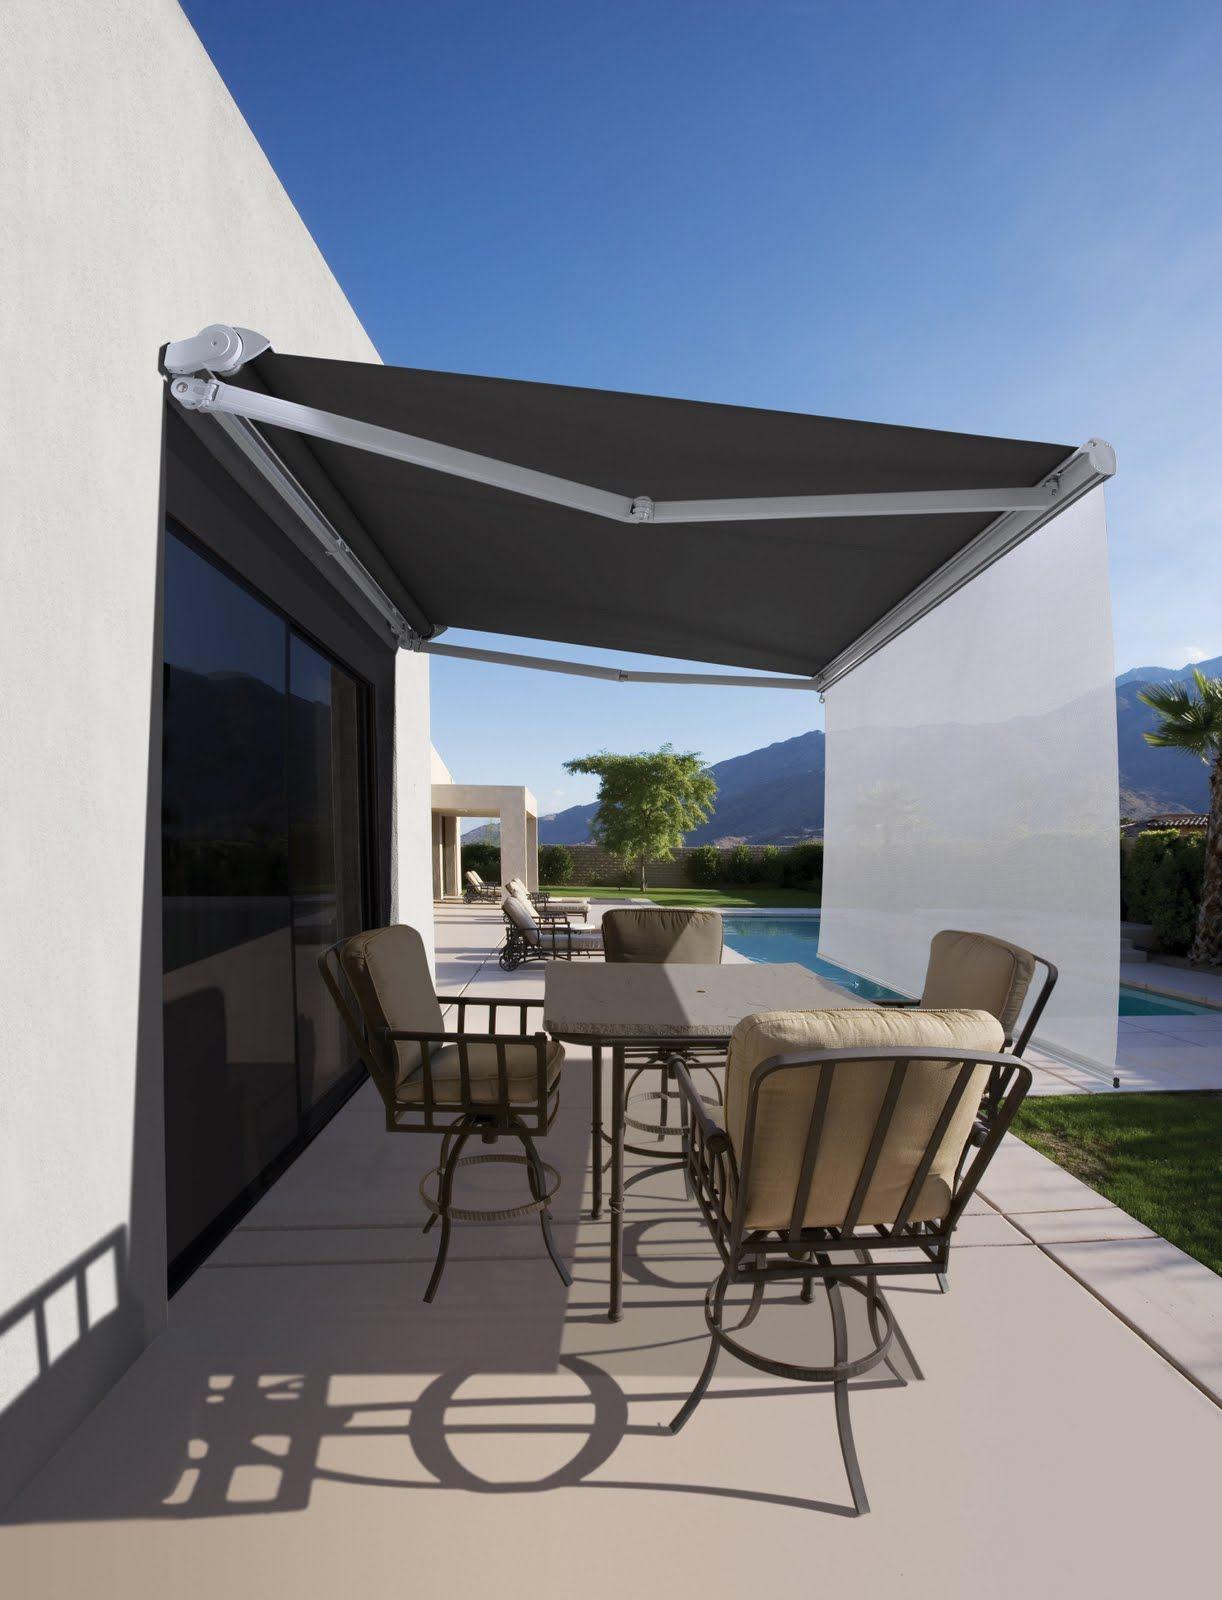 Awning pergolas toldos pinterest terrazas - Toldos para patios exteriores ...